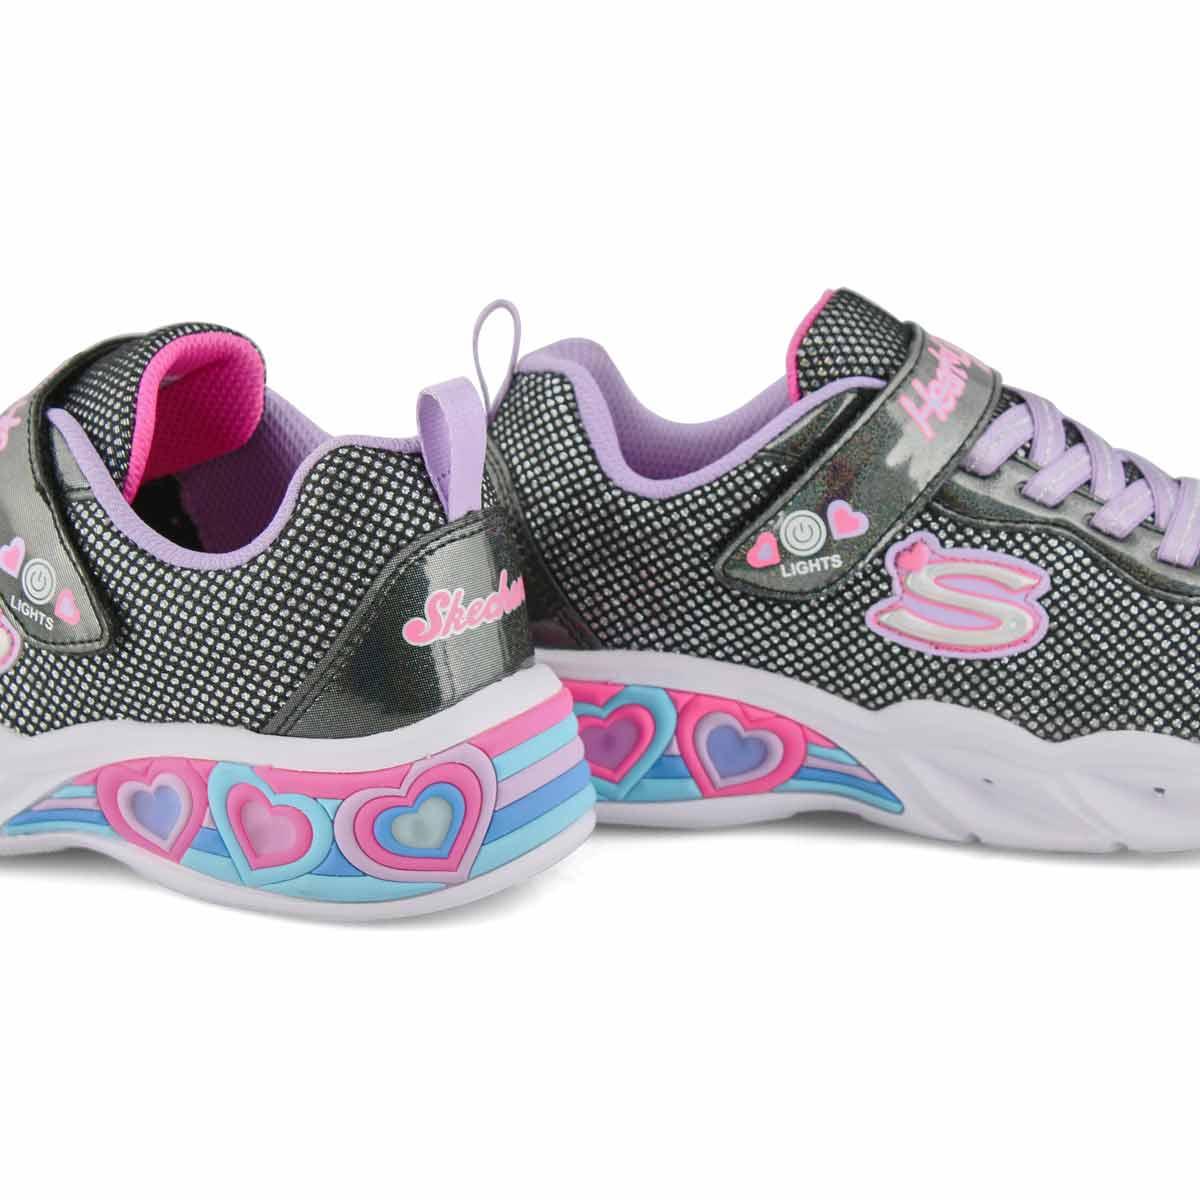 Grls Sweetheart Lights bk/mlt sneaker